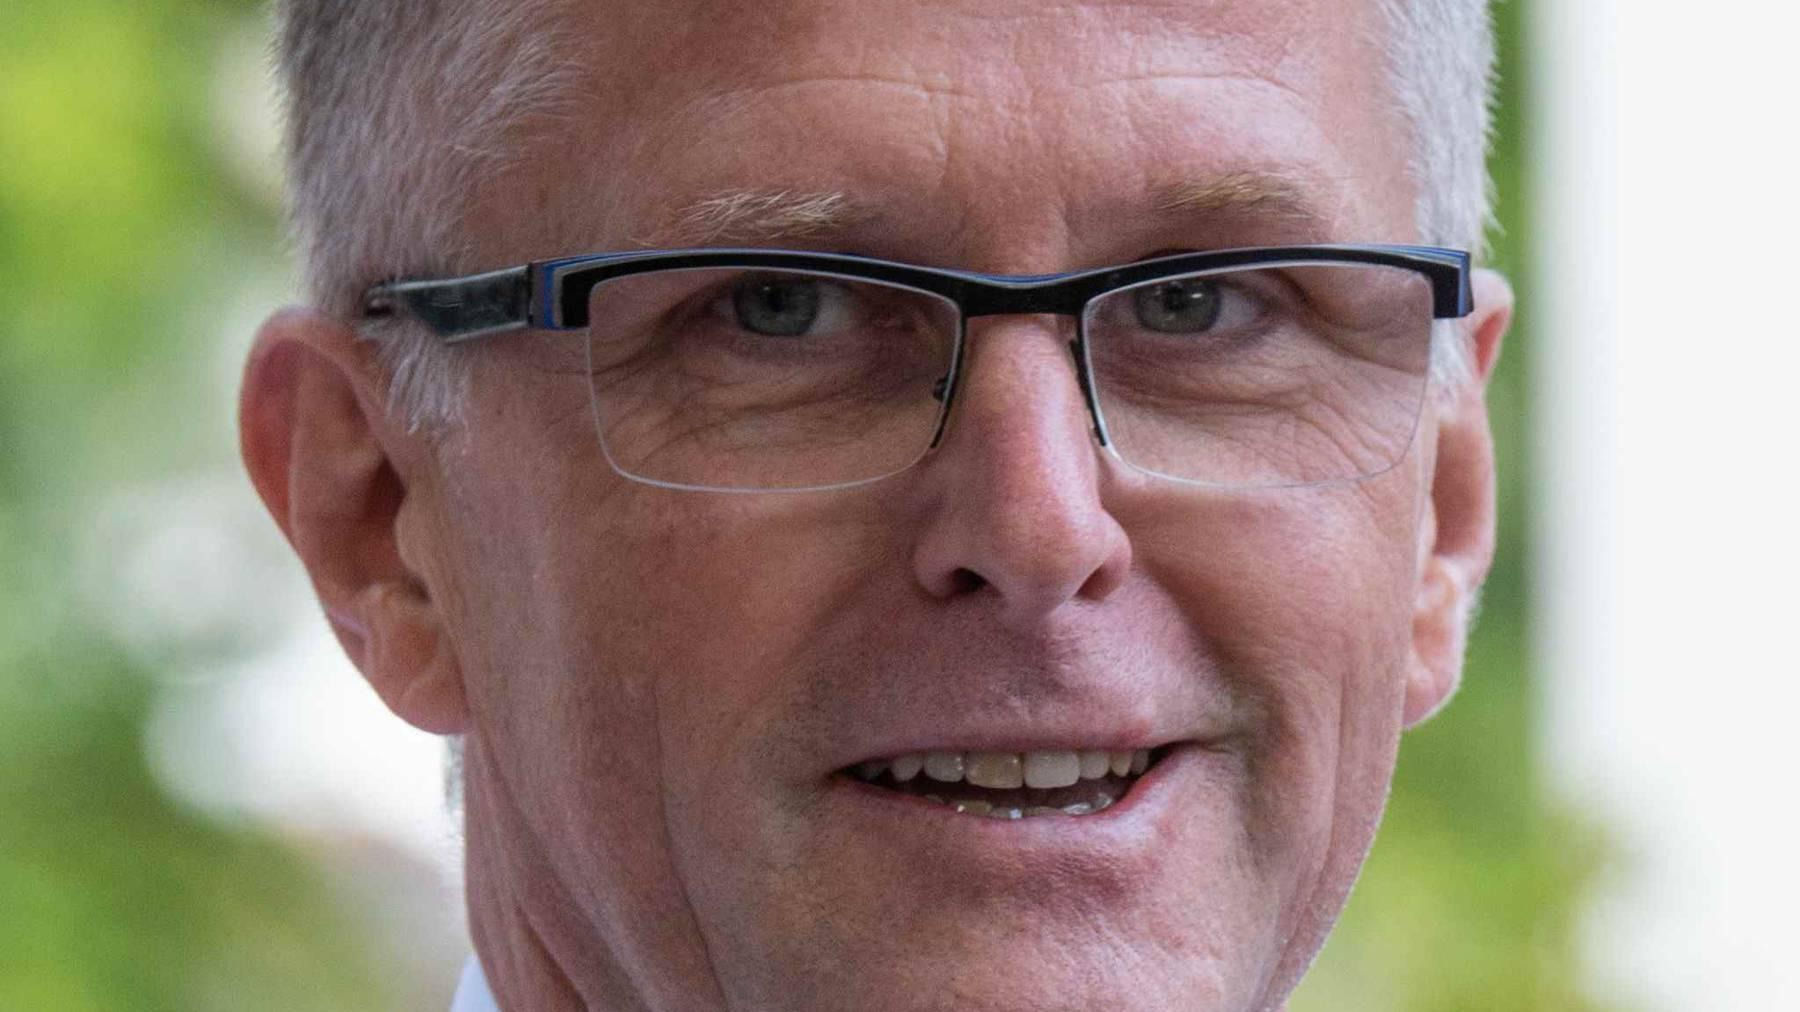 Hanspeter Krüsi, Mediensprecher Kantonspolizei St.Gallen